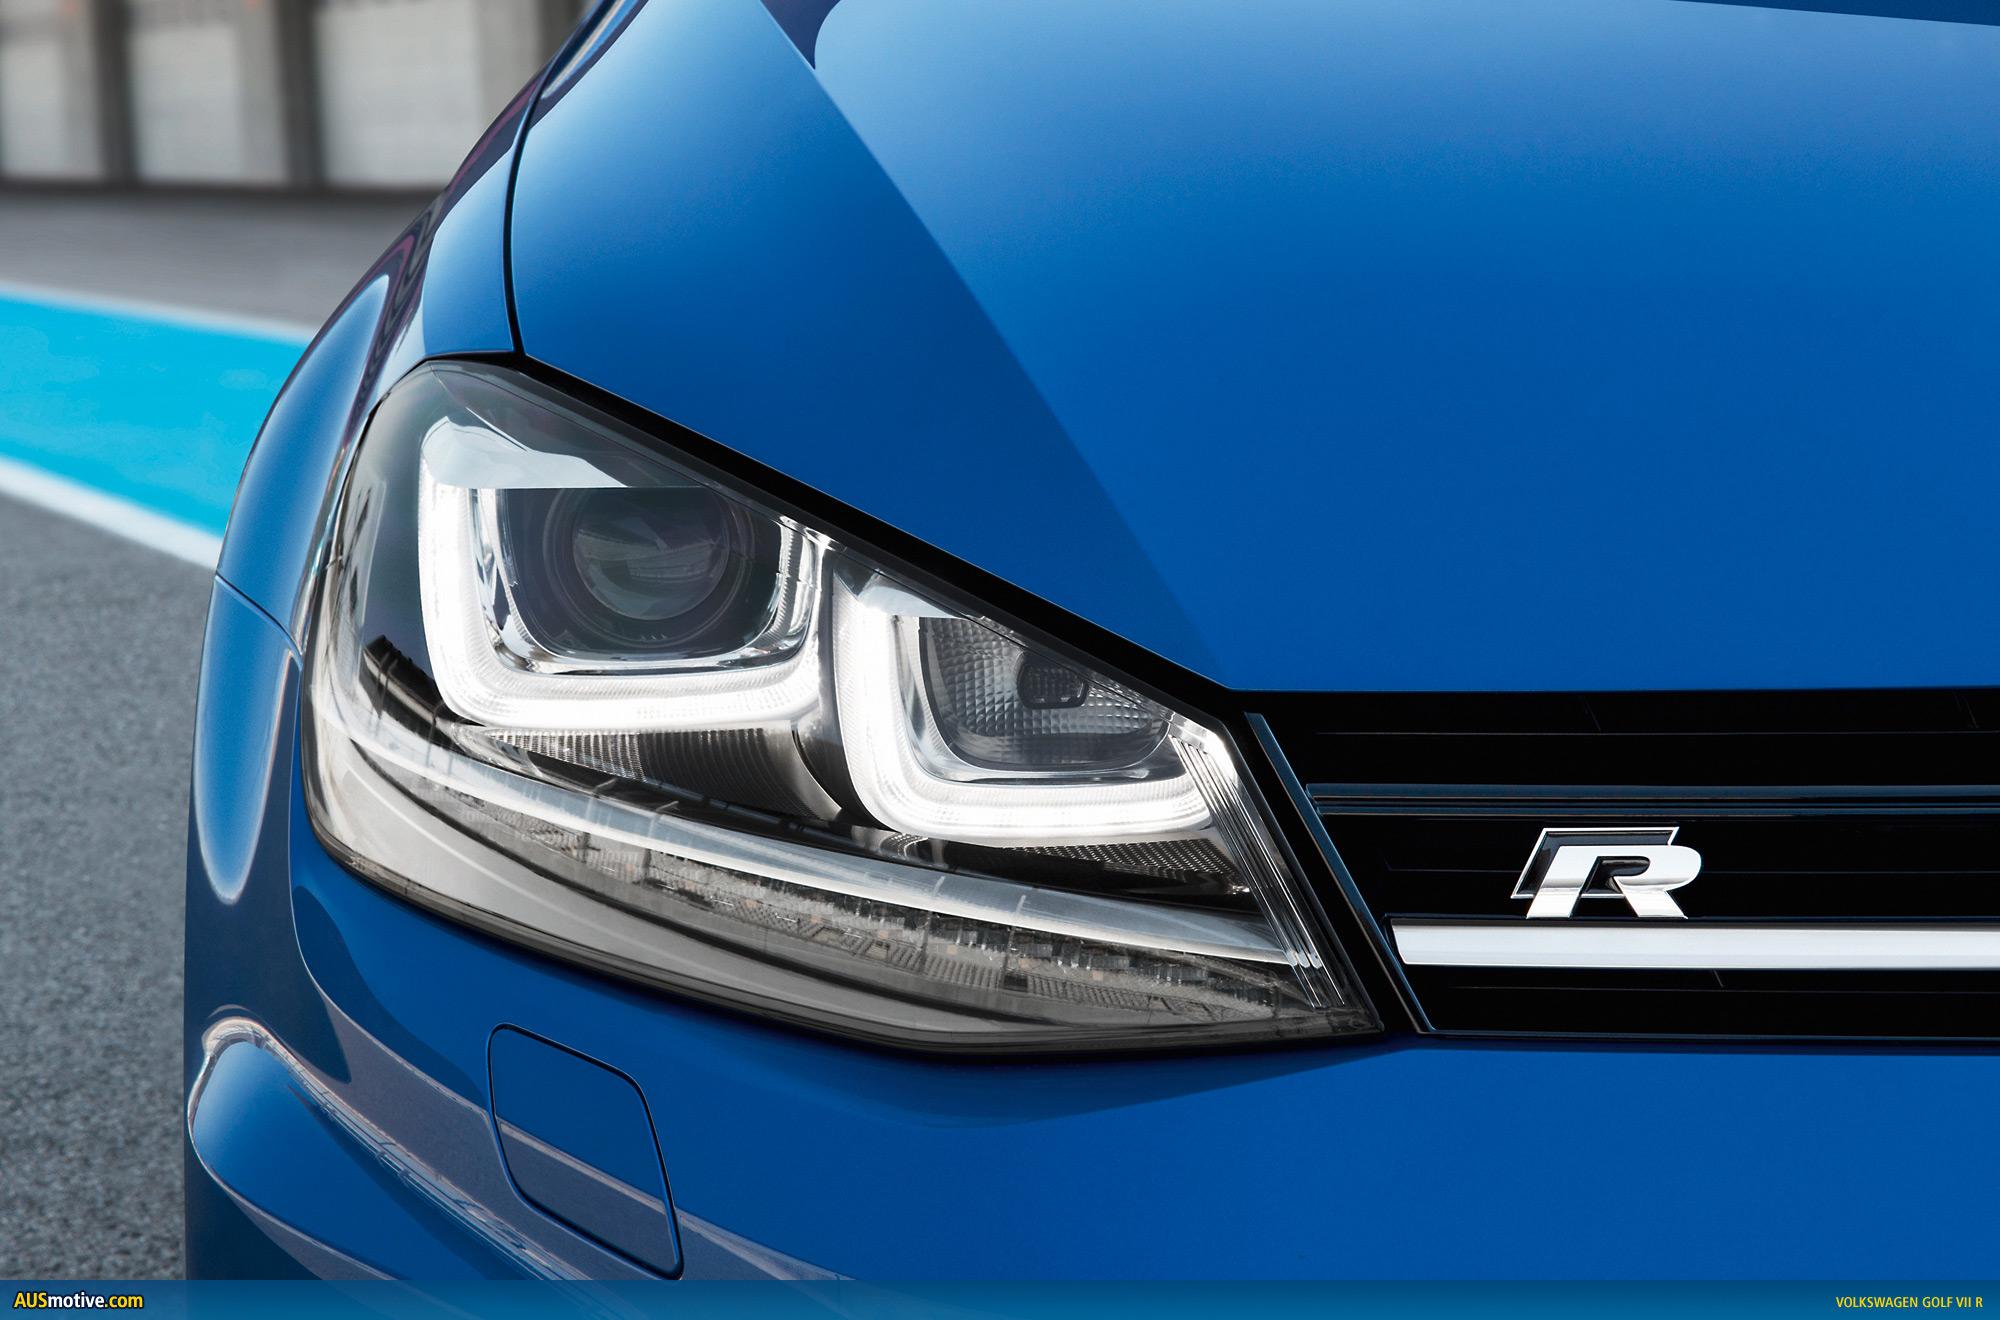 AUSmotive.com » Volkswagen Golf VII R photo gallery